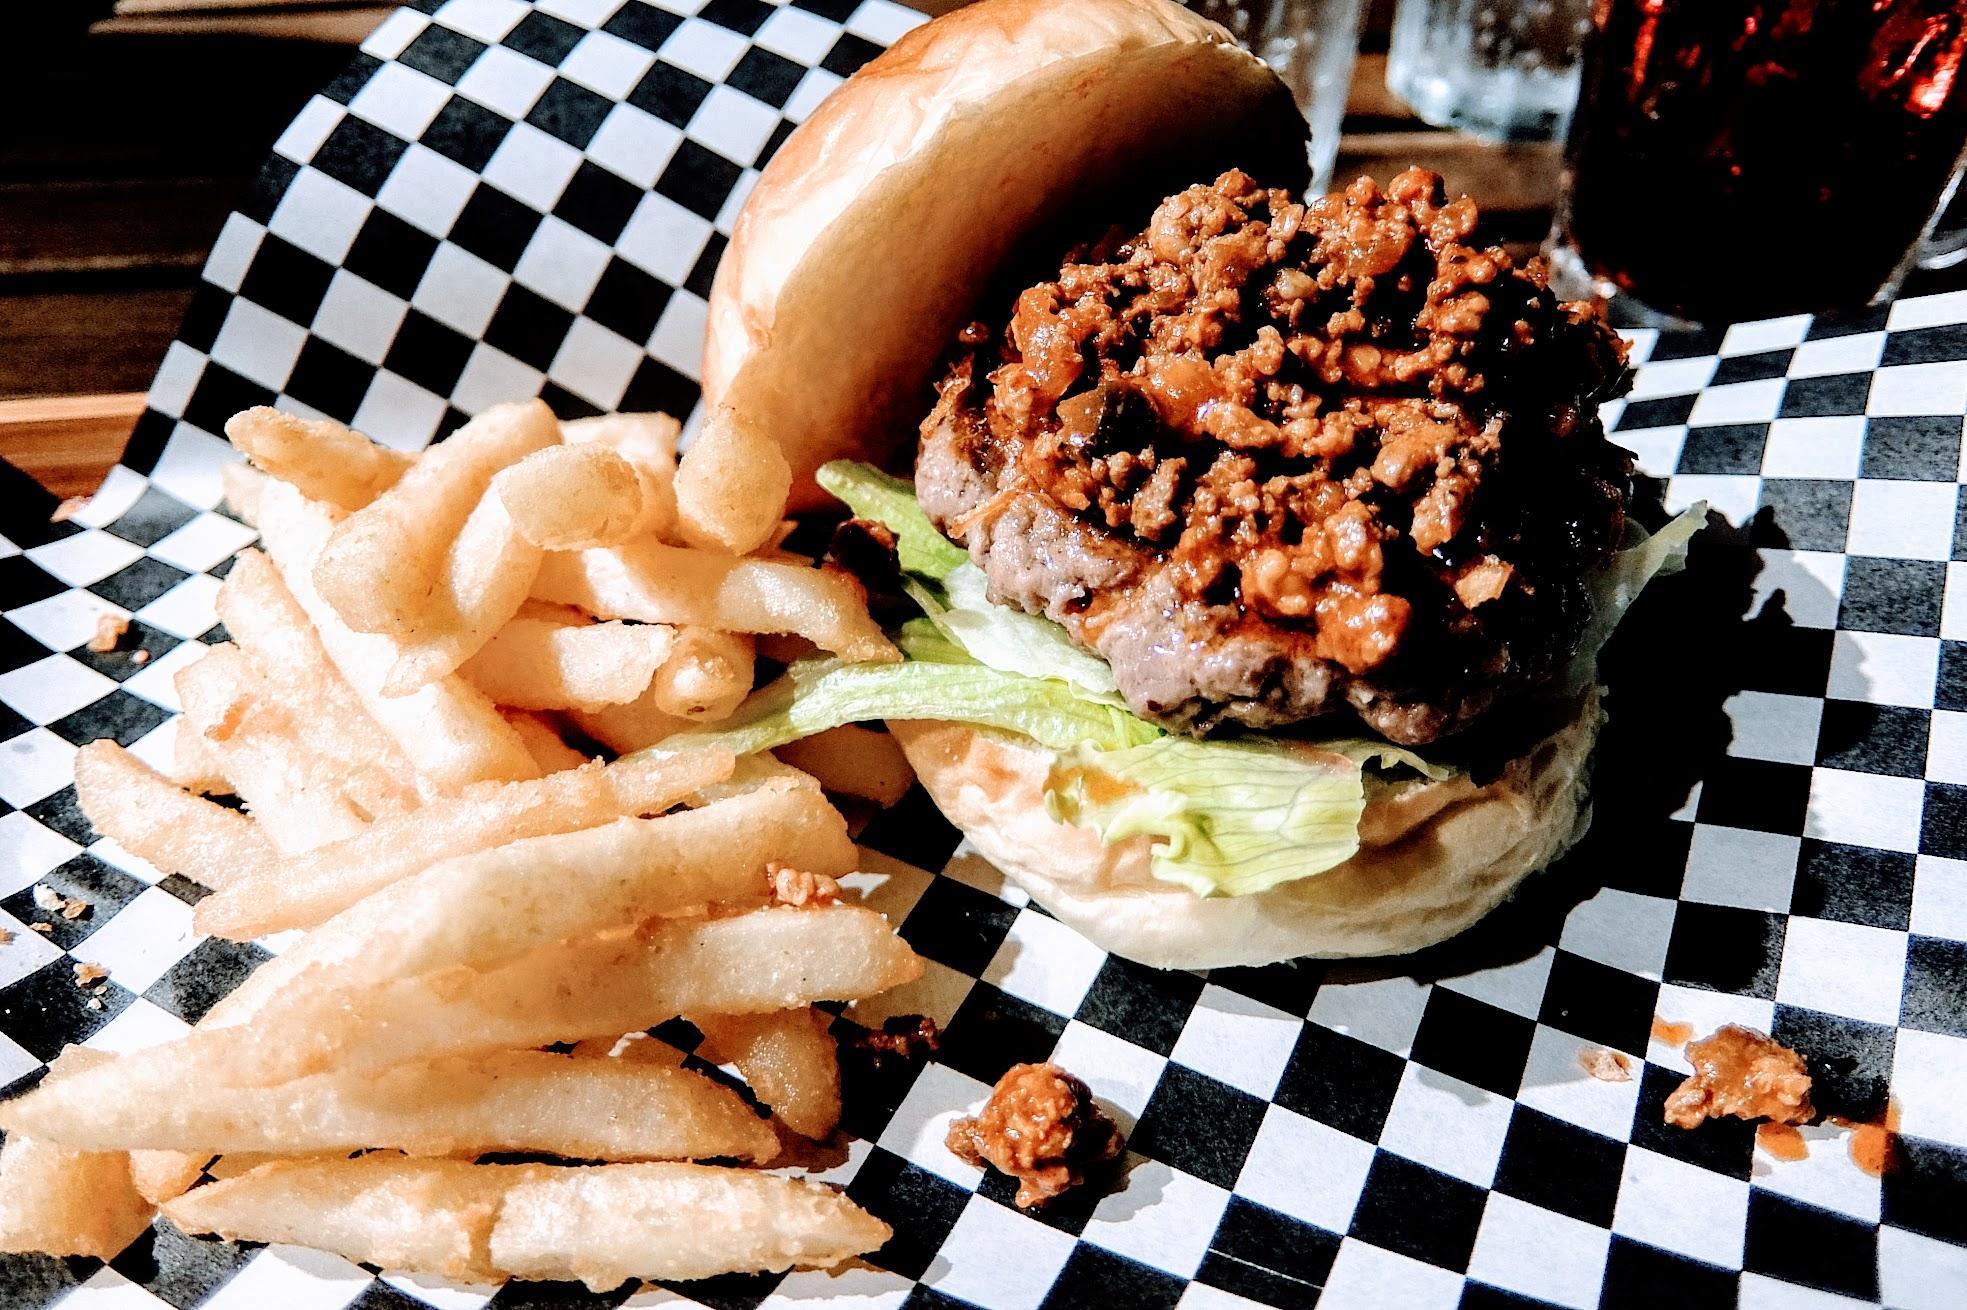 火山熔岩牛肉堡,上頭有著滿滿的墨西哥肉醬;肉醬頗辣,且因為都是碎肉關係,所以蓋上漢堡皮還是會掉滿地XD